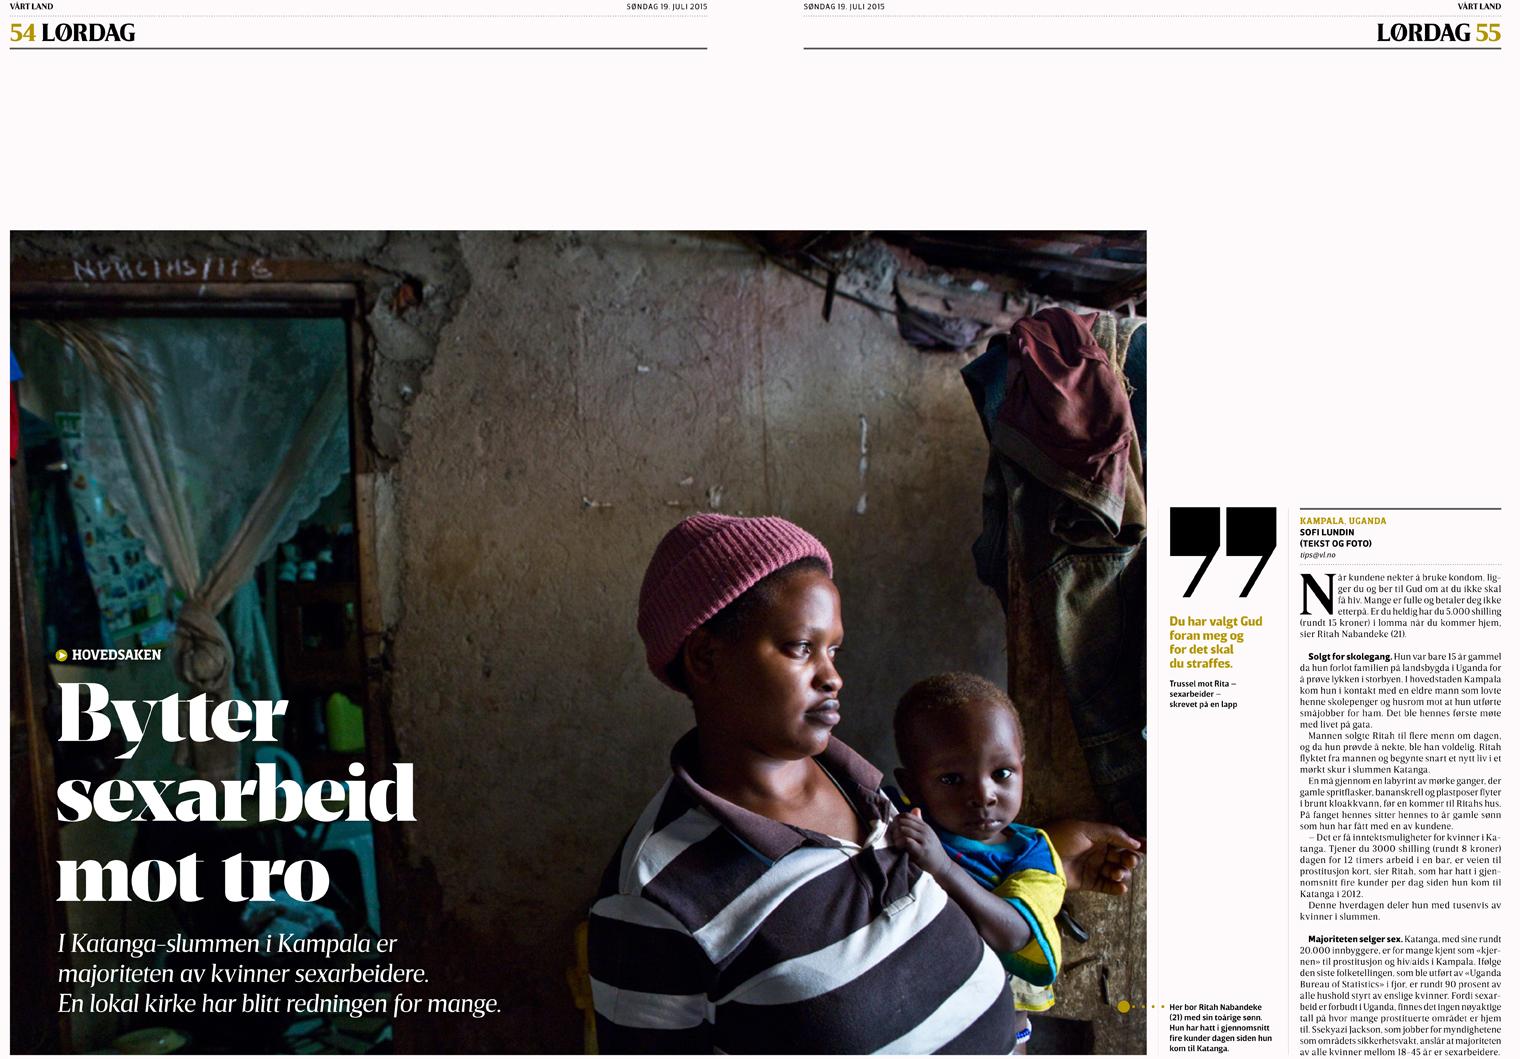 Prostitution in Uganda - Vårt Land, 2015